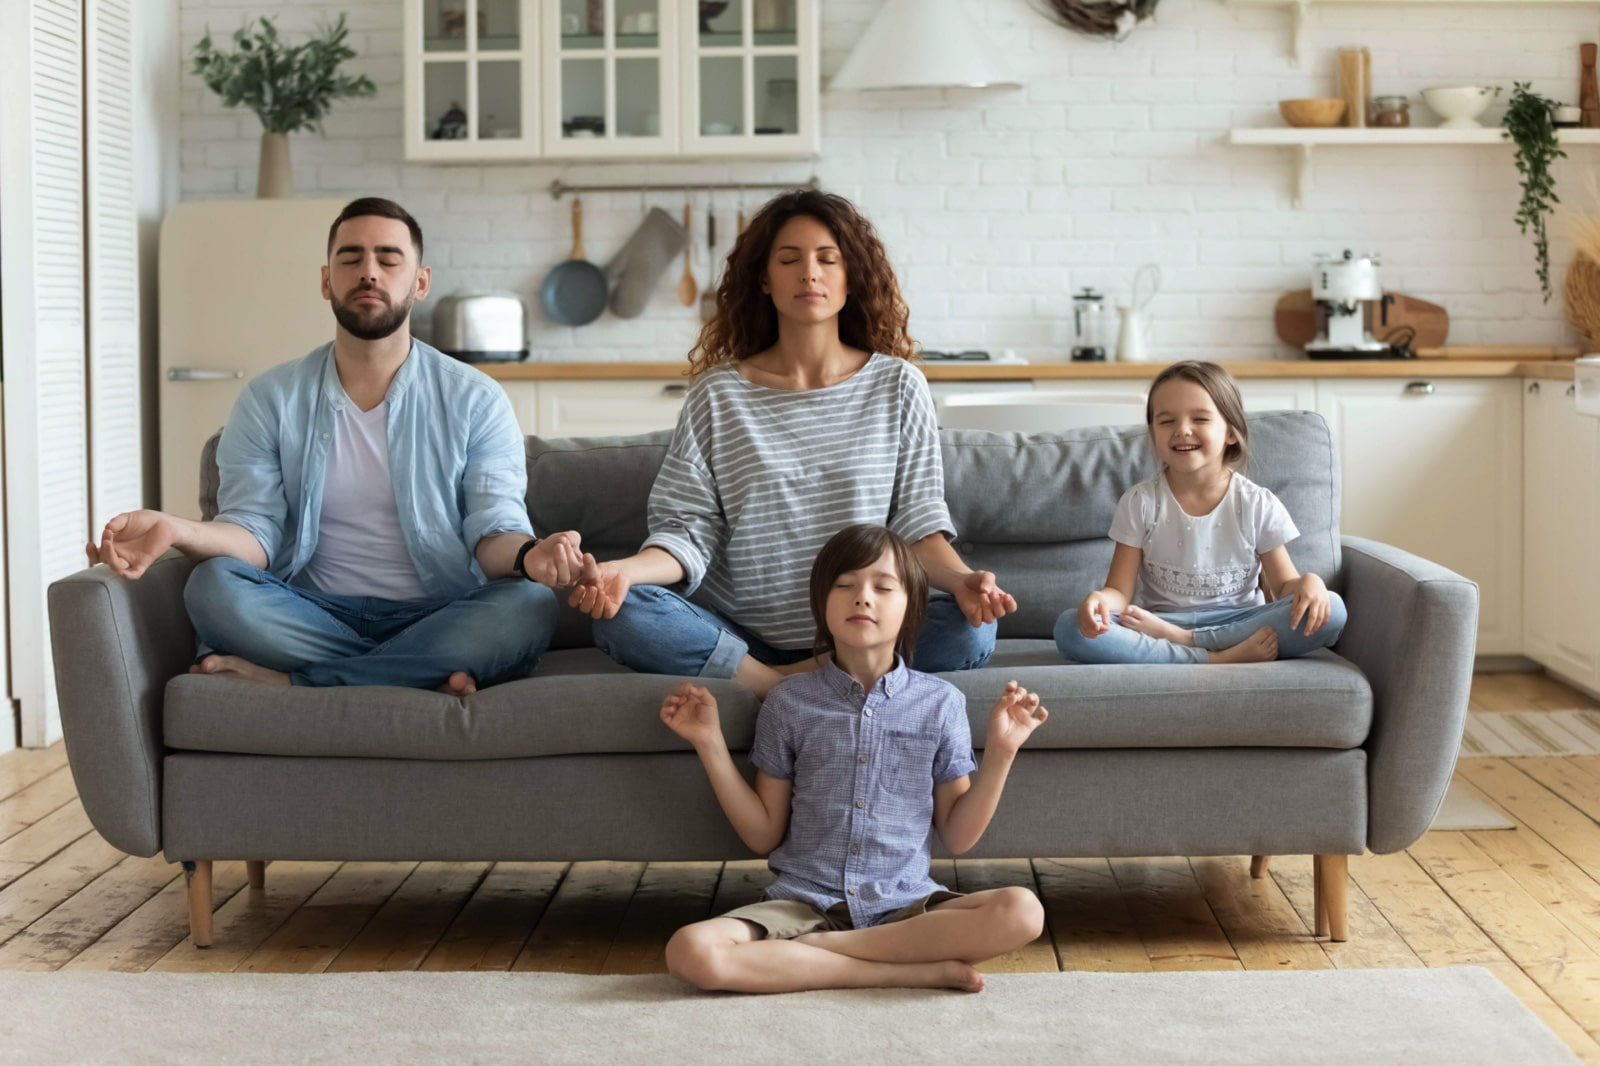 5 idées pour s'occuper de nouveau à la maison !